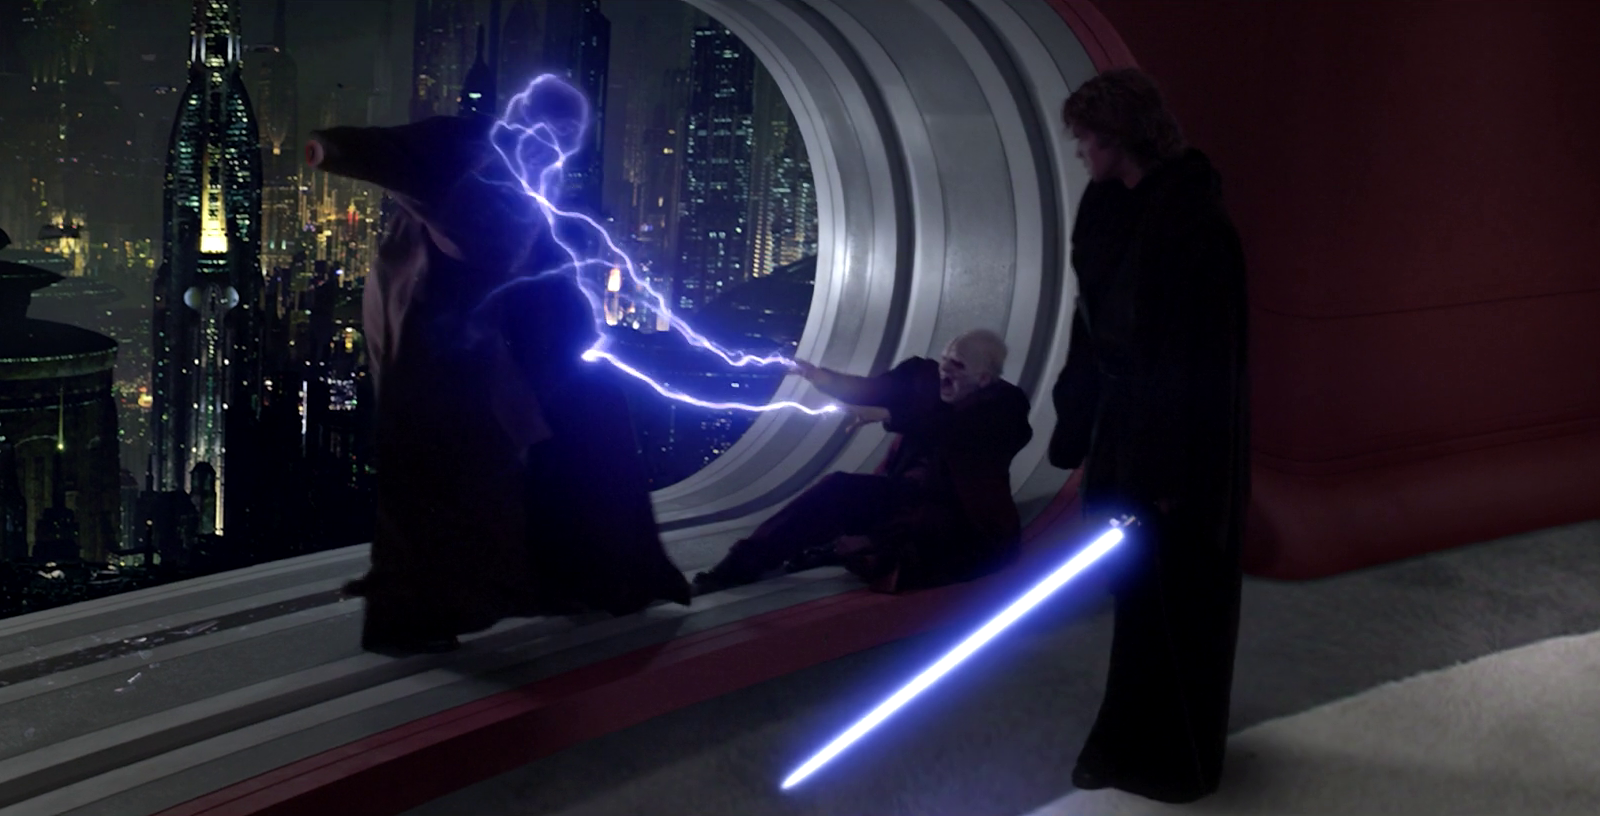 Az Utolsó Jedik egyik főszereplője Mace Windu?